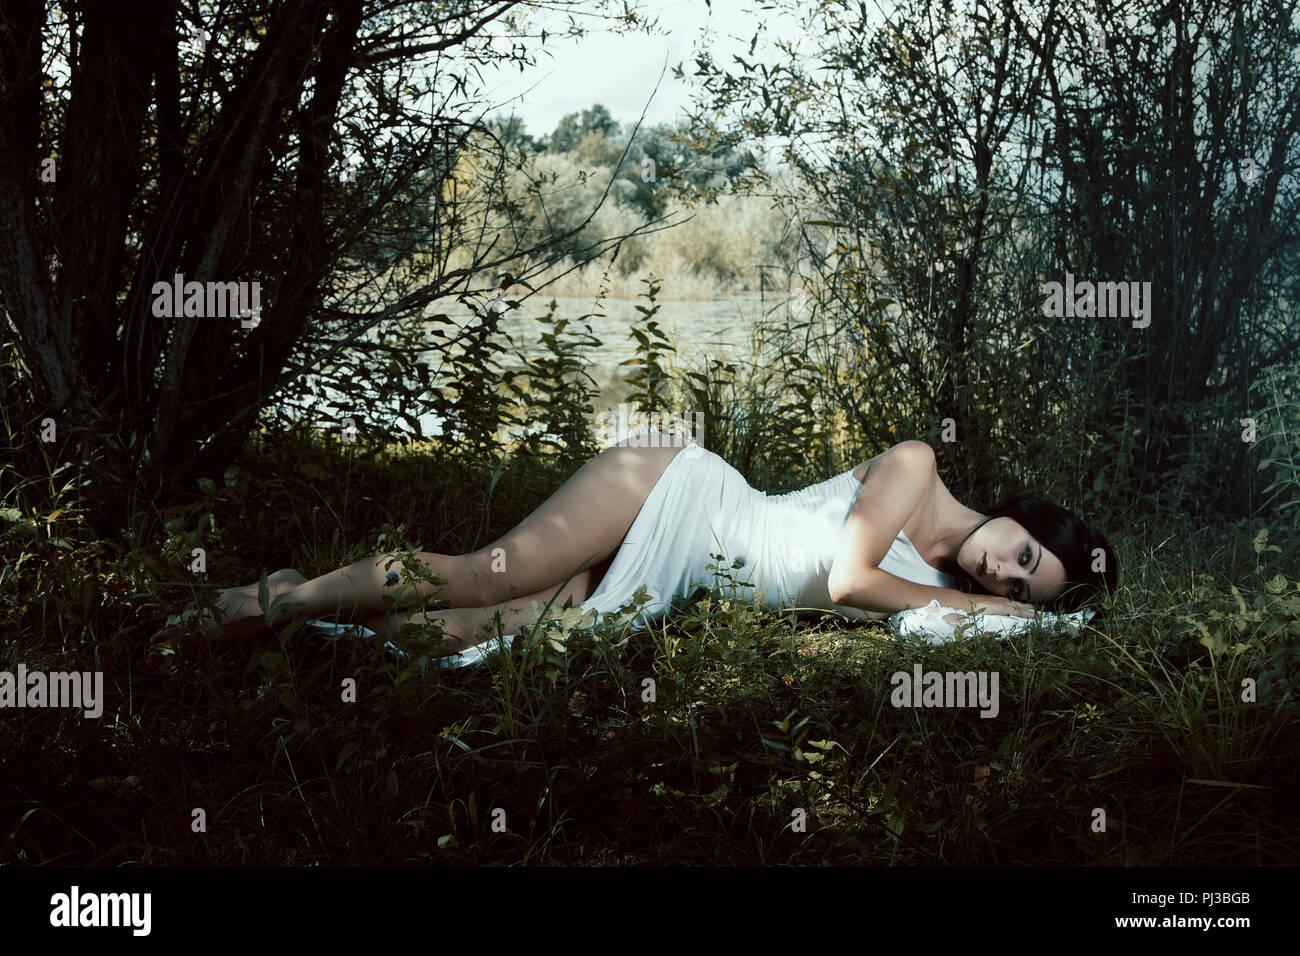 Pallida donna in abito bianco giacente sul terreno, scena da favola Immagini Stock